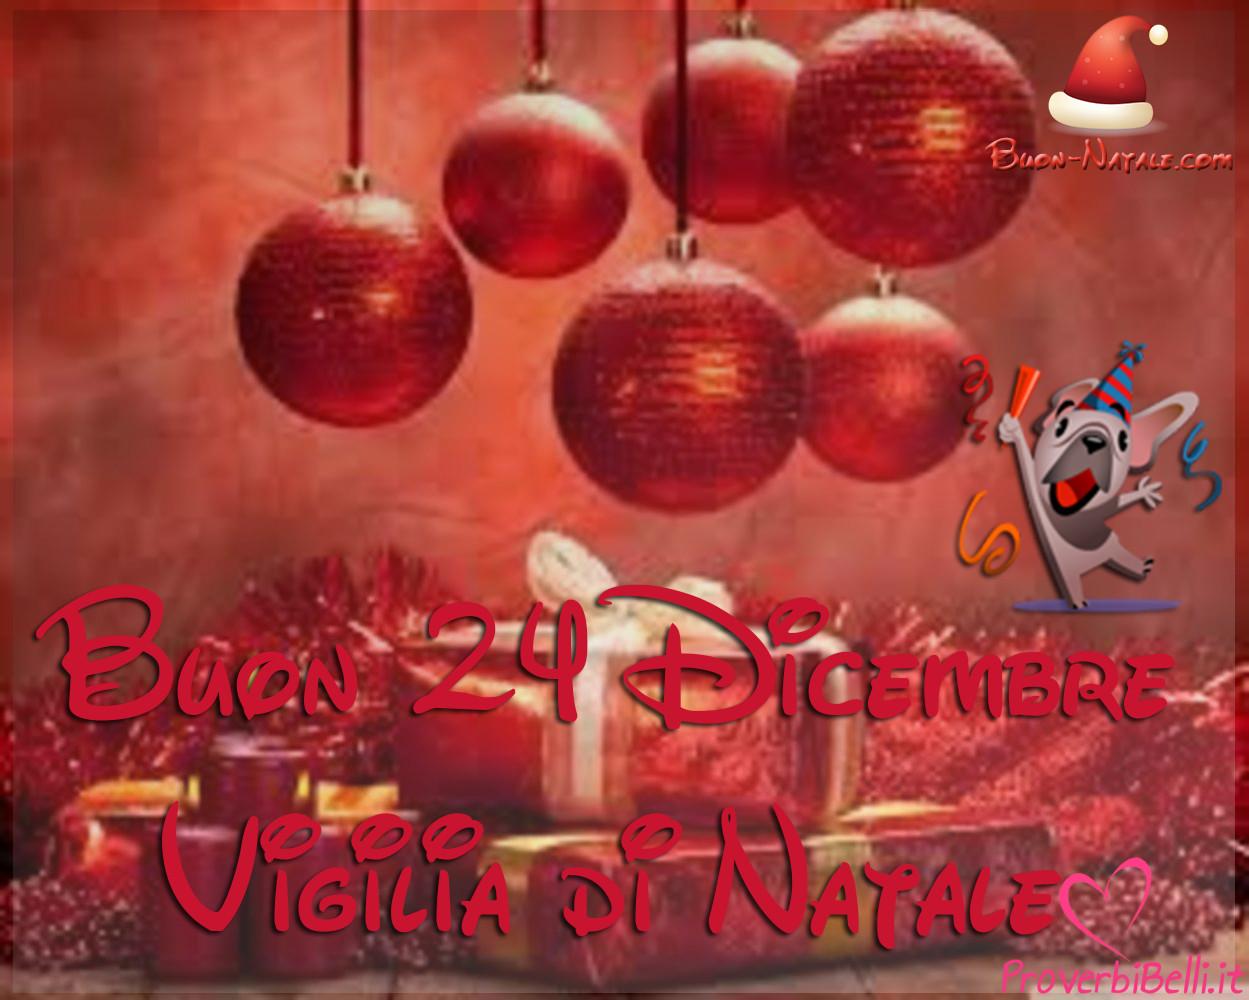 Immagini di 24 Dicembre Vigilia di Natale da Mandare su Whatsapp